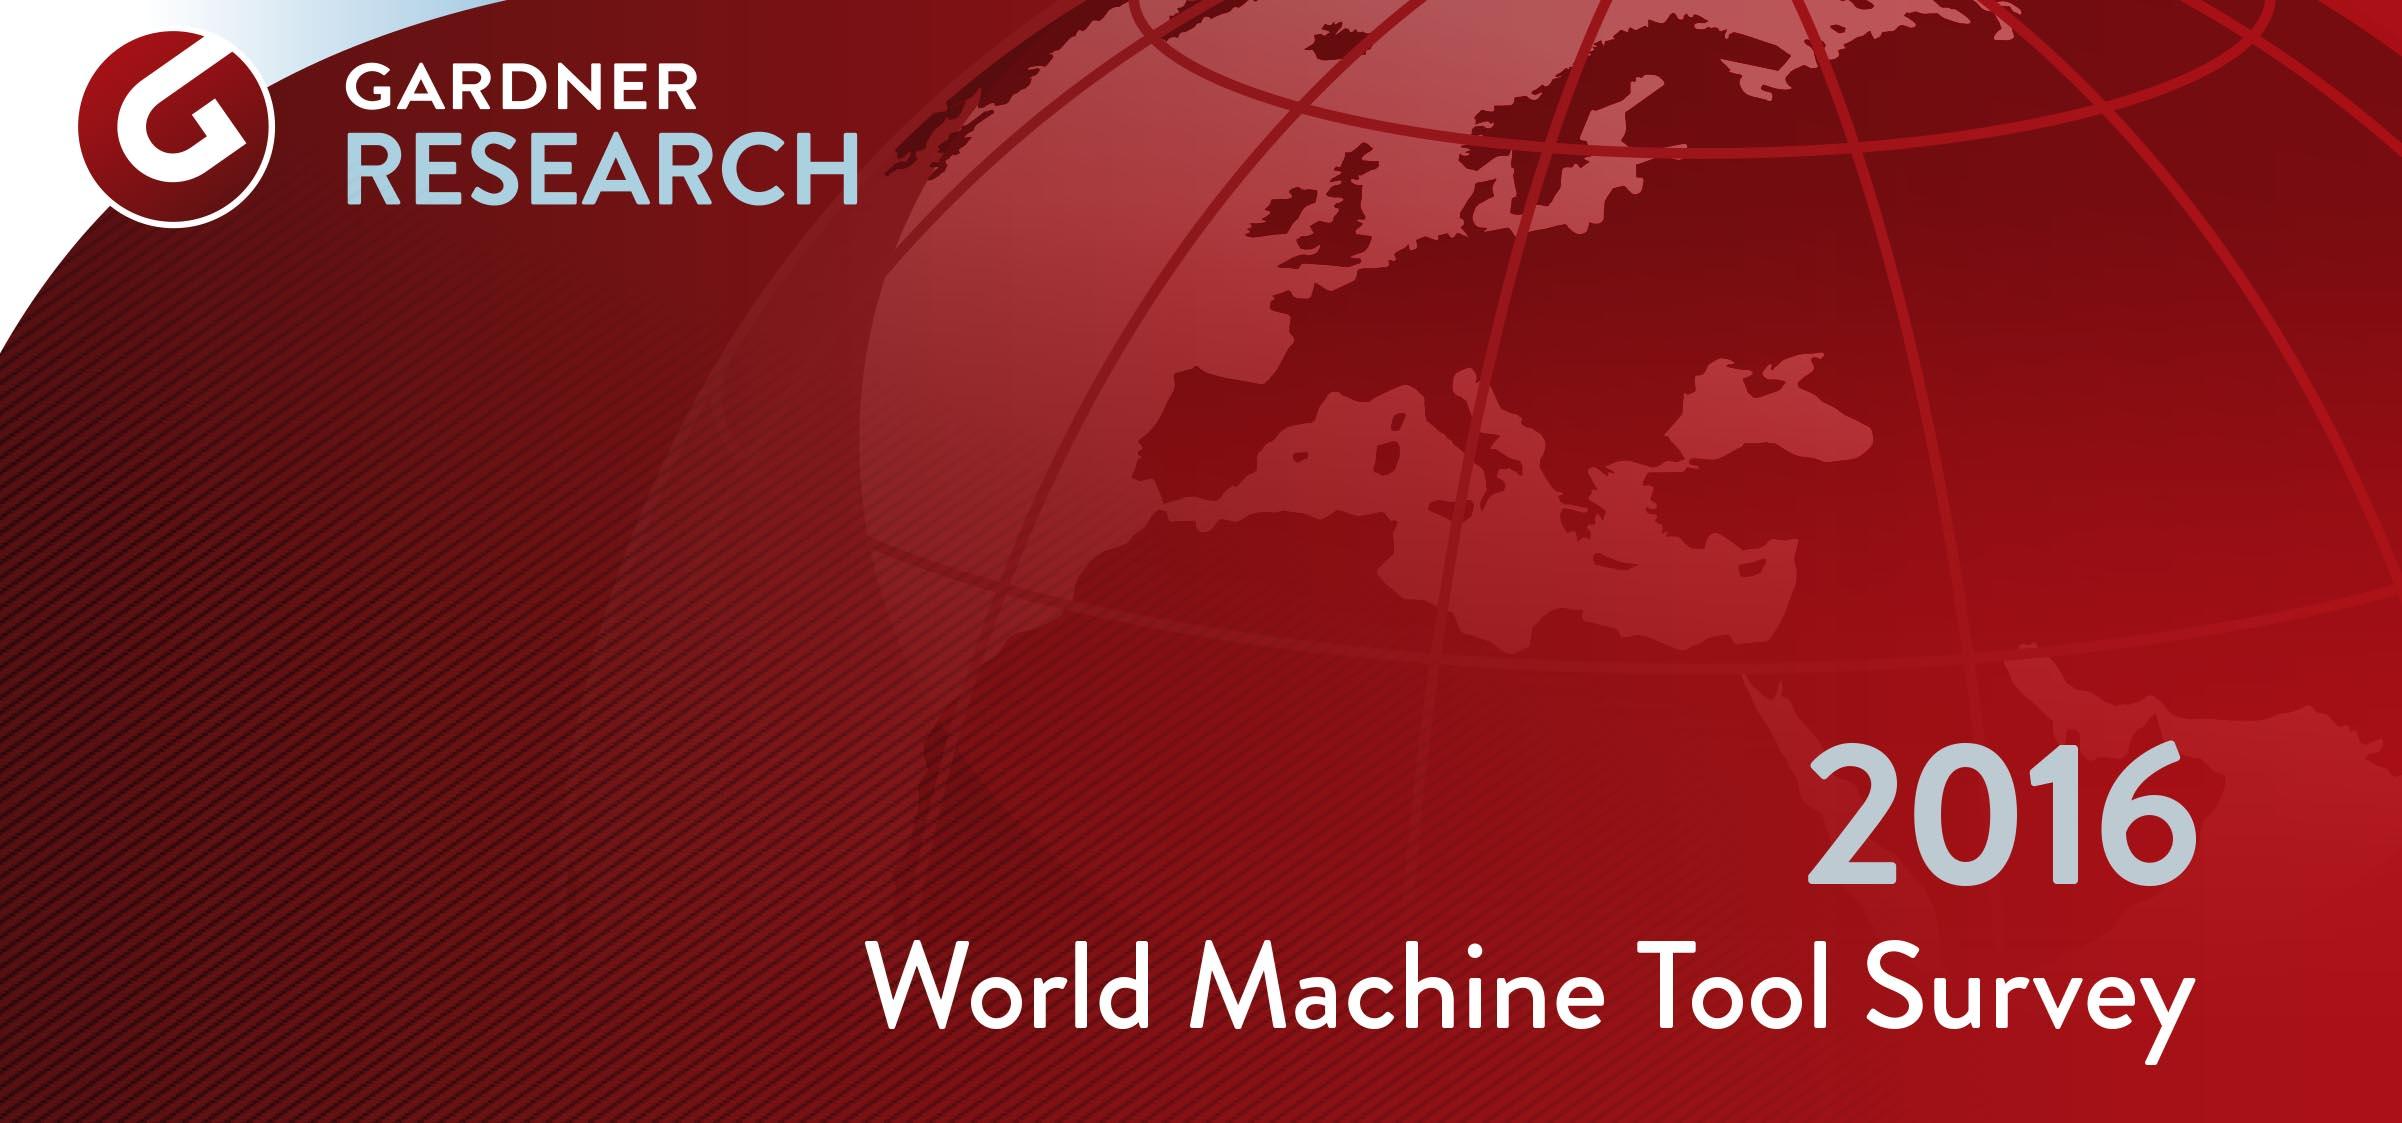 2016 WMTS Report Logo